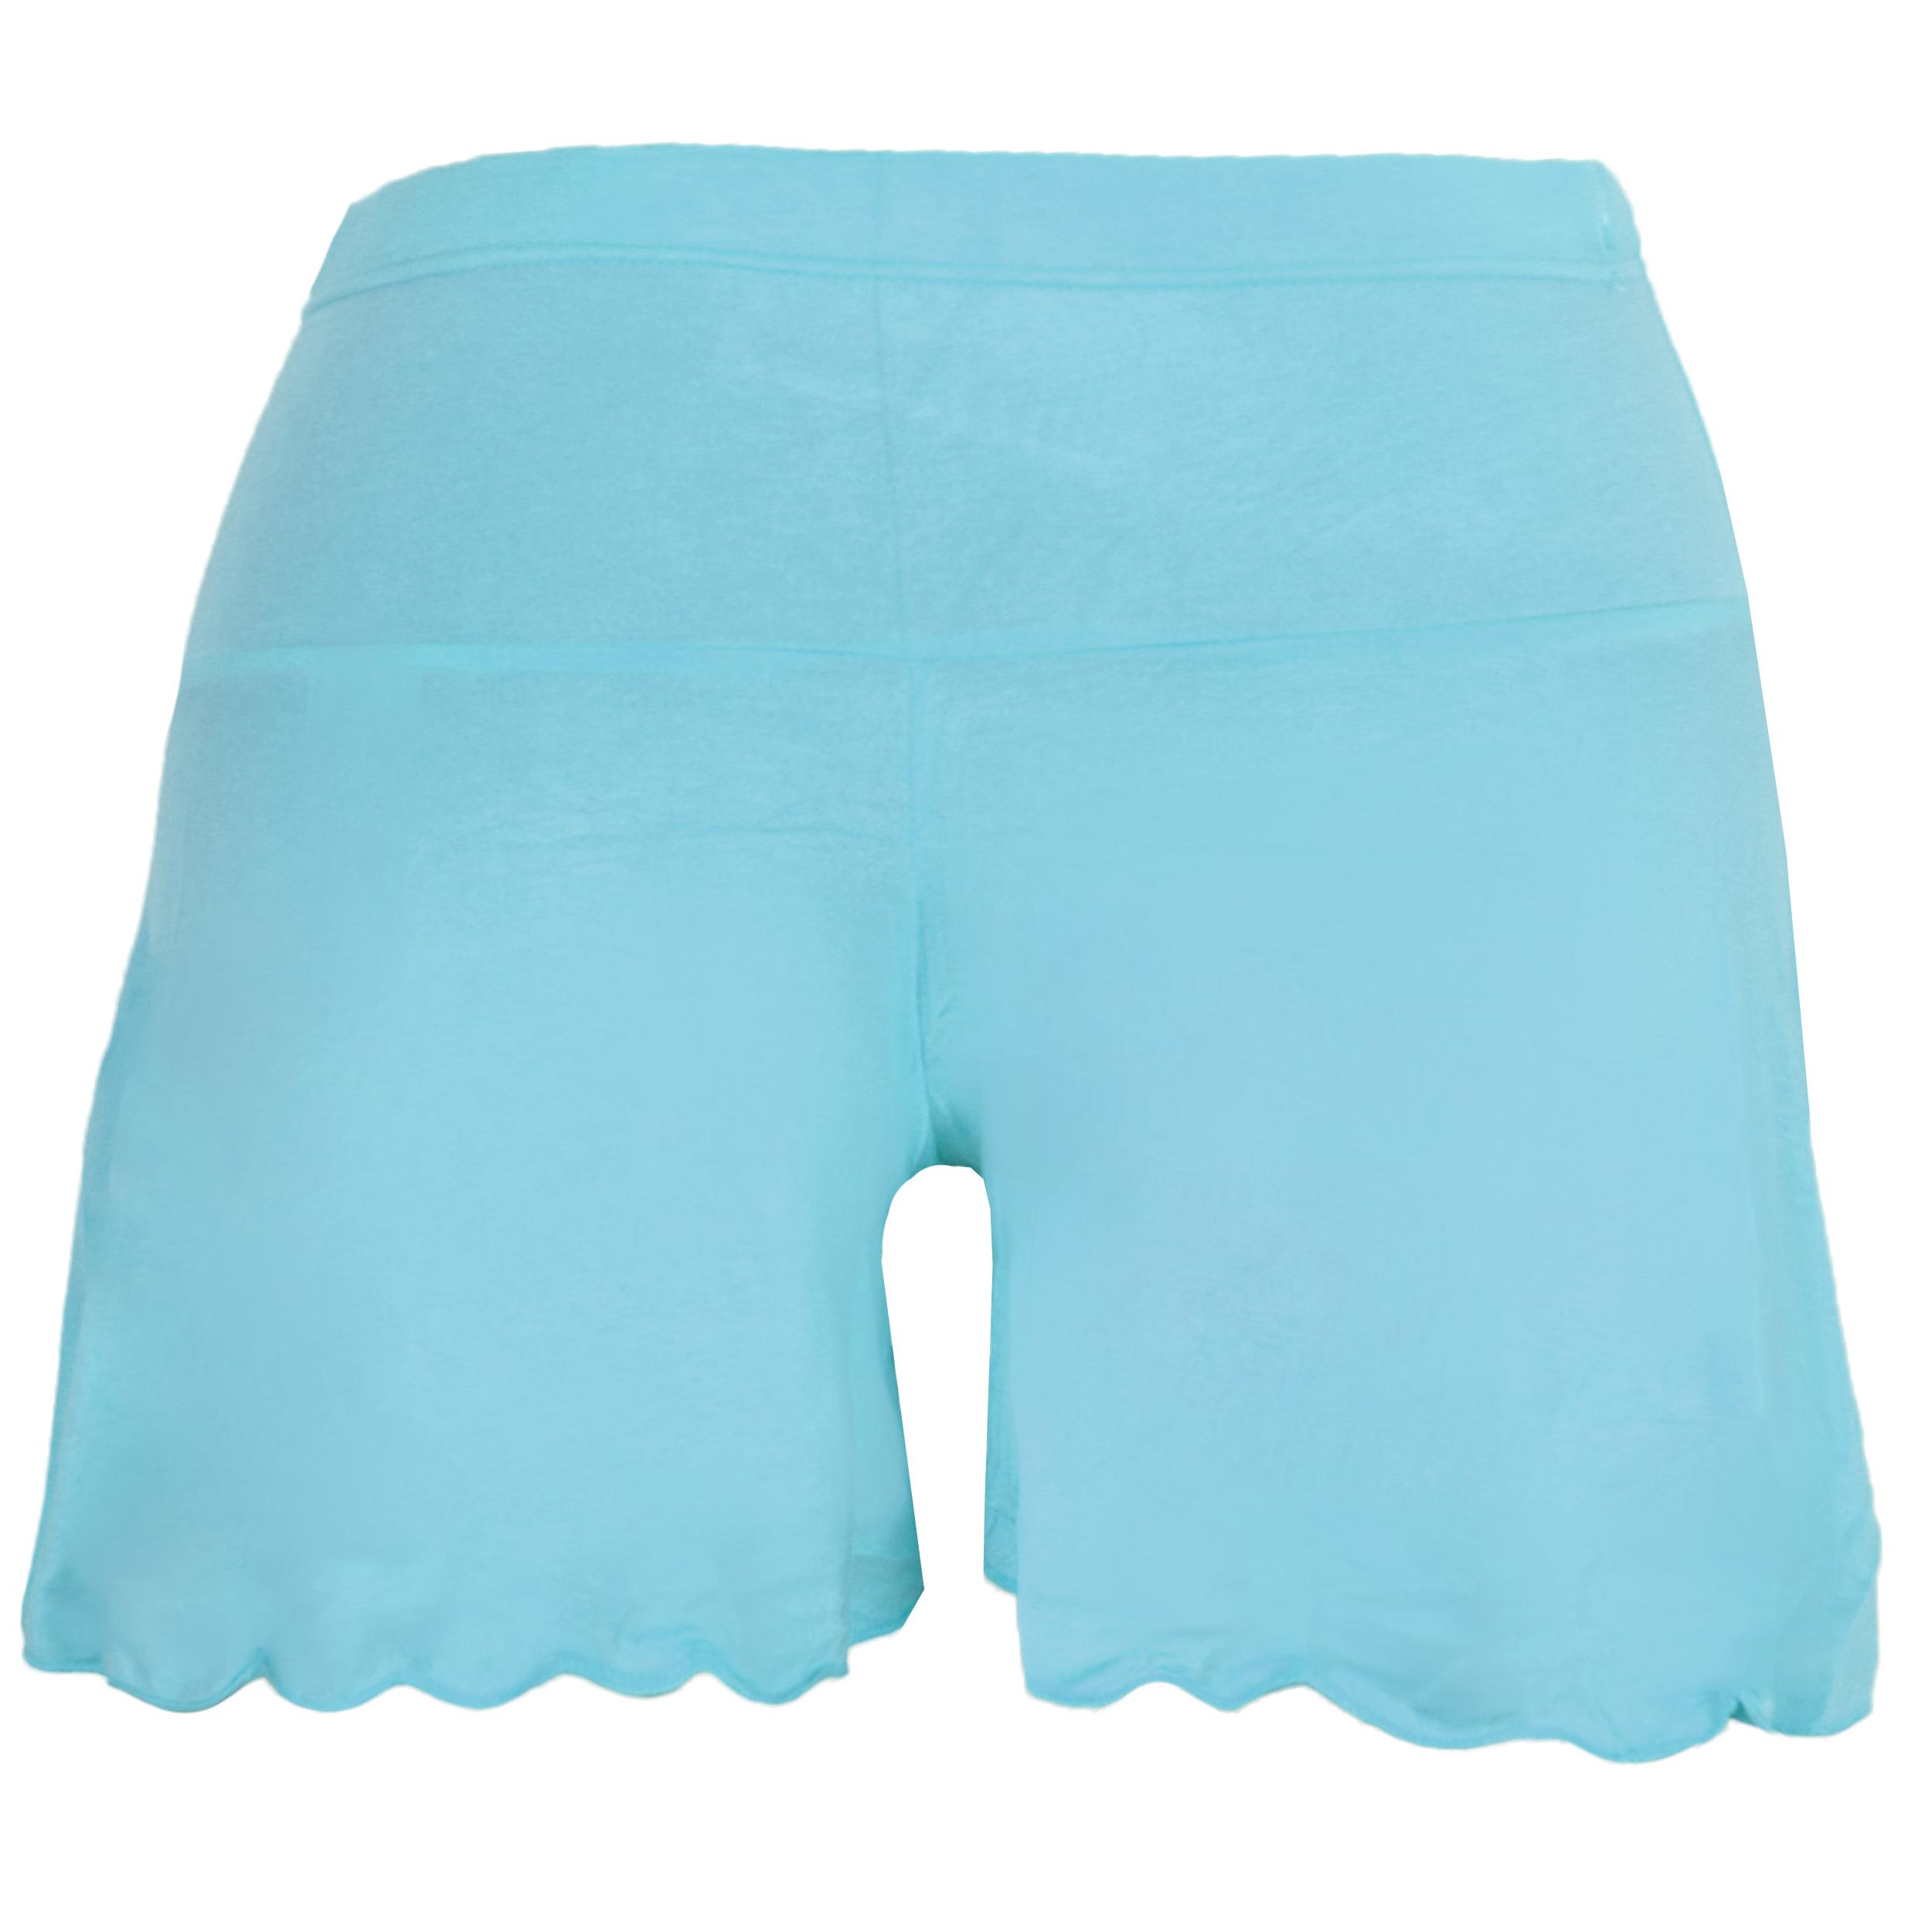 دامن شلوارک بارداری کد A023 رنگ آبی